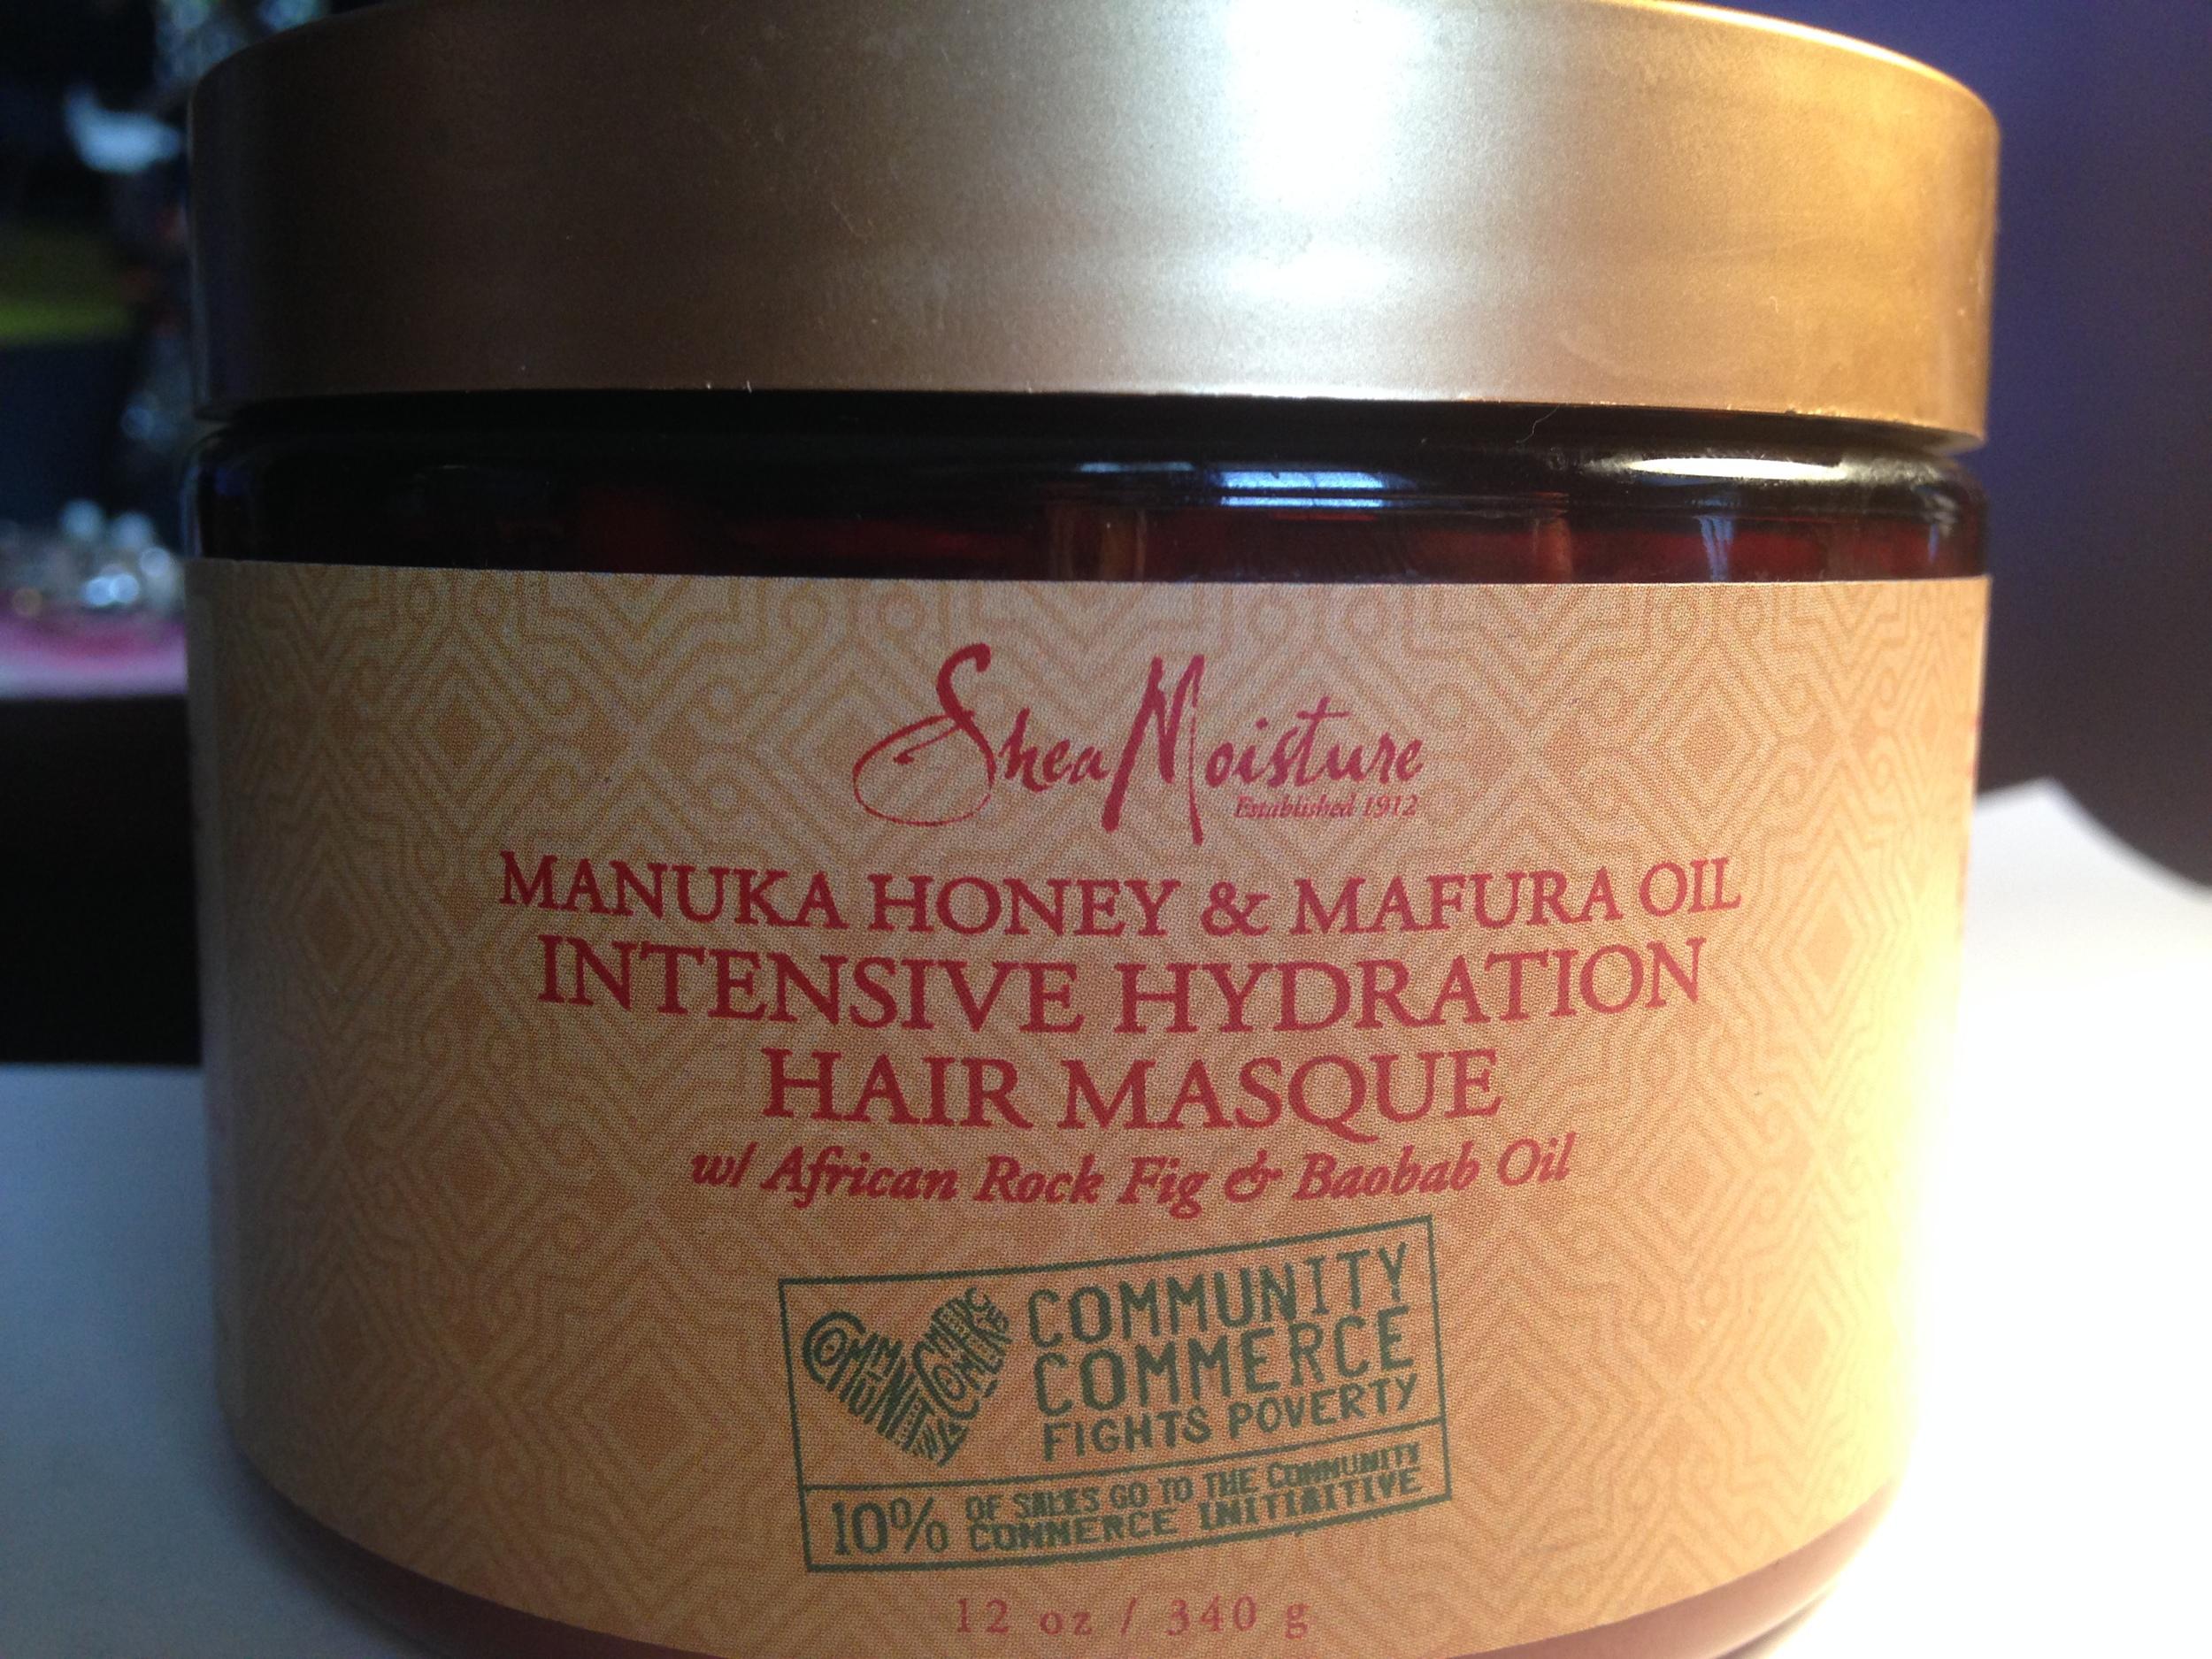 Shea Moisture hydration hair masque